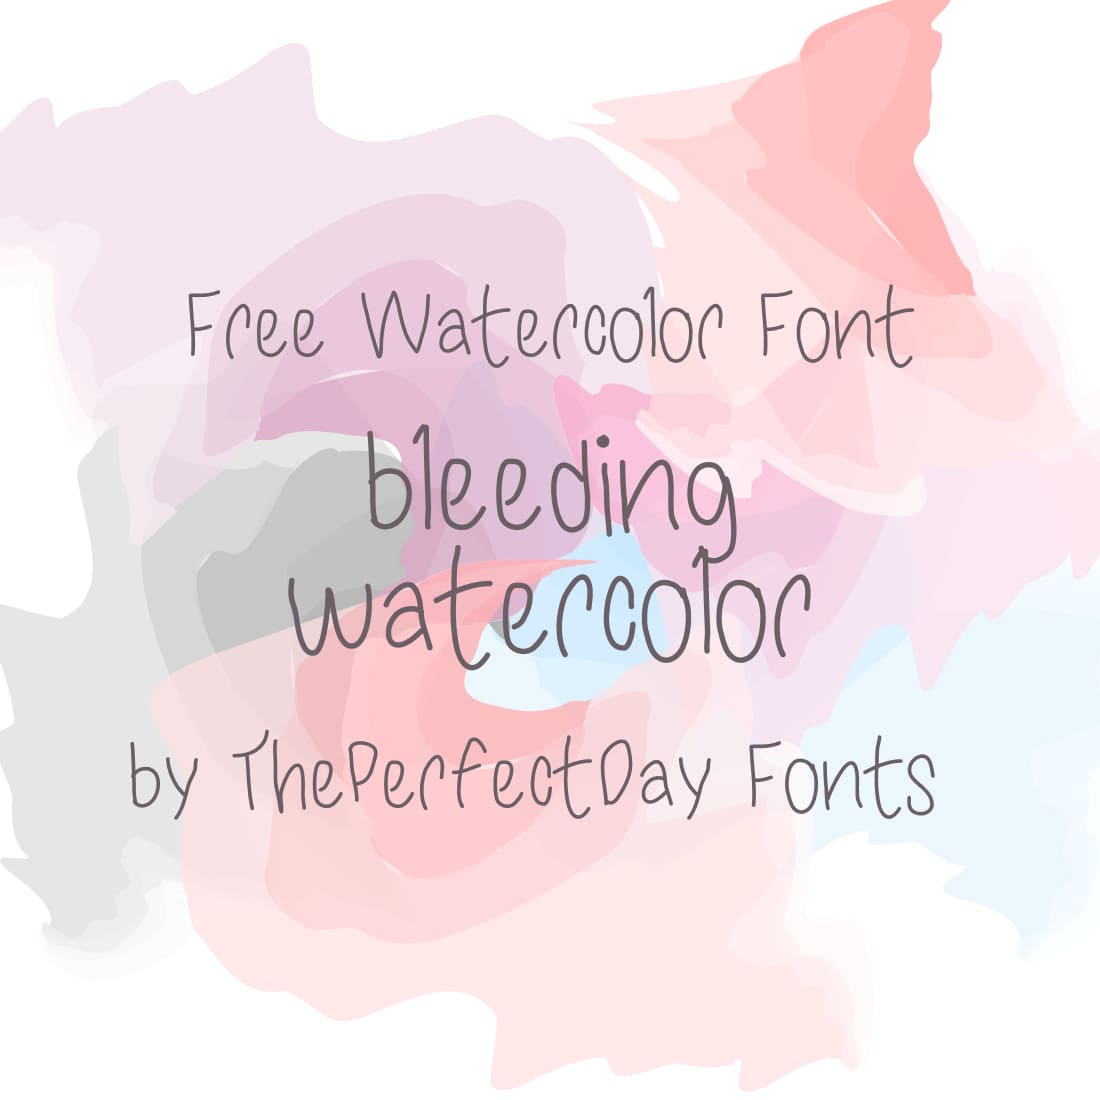 Main Image Free Watercolor Font by MasterBundles.